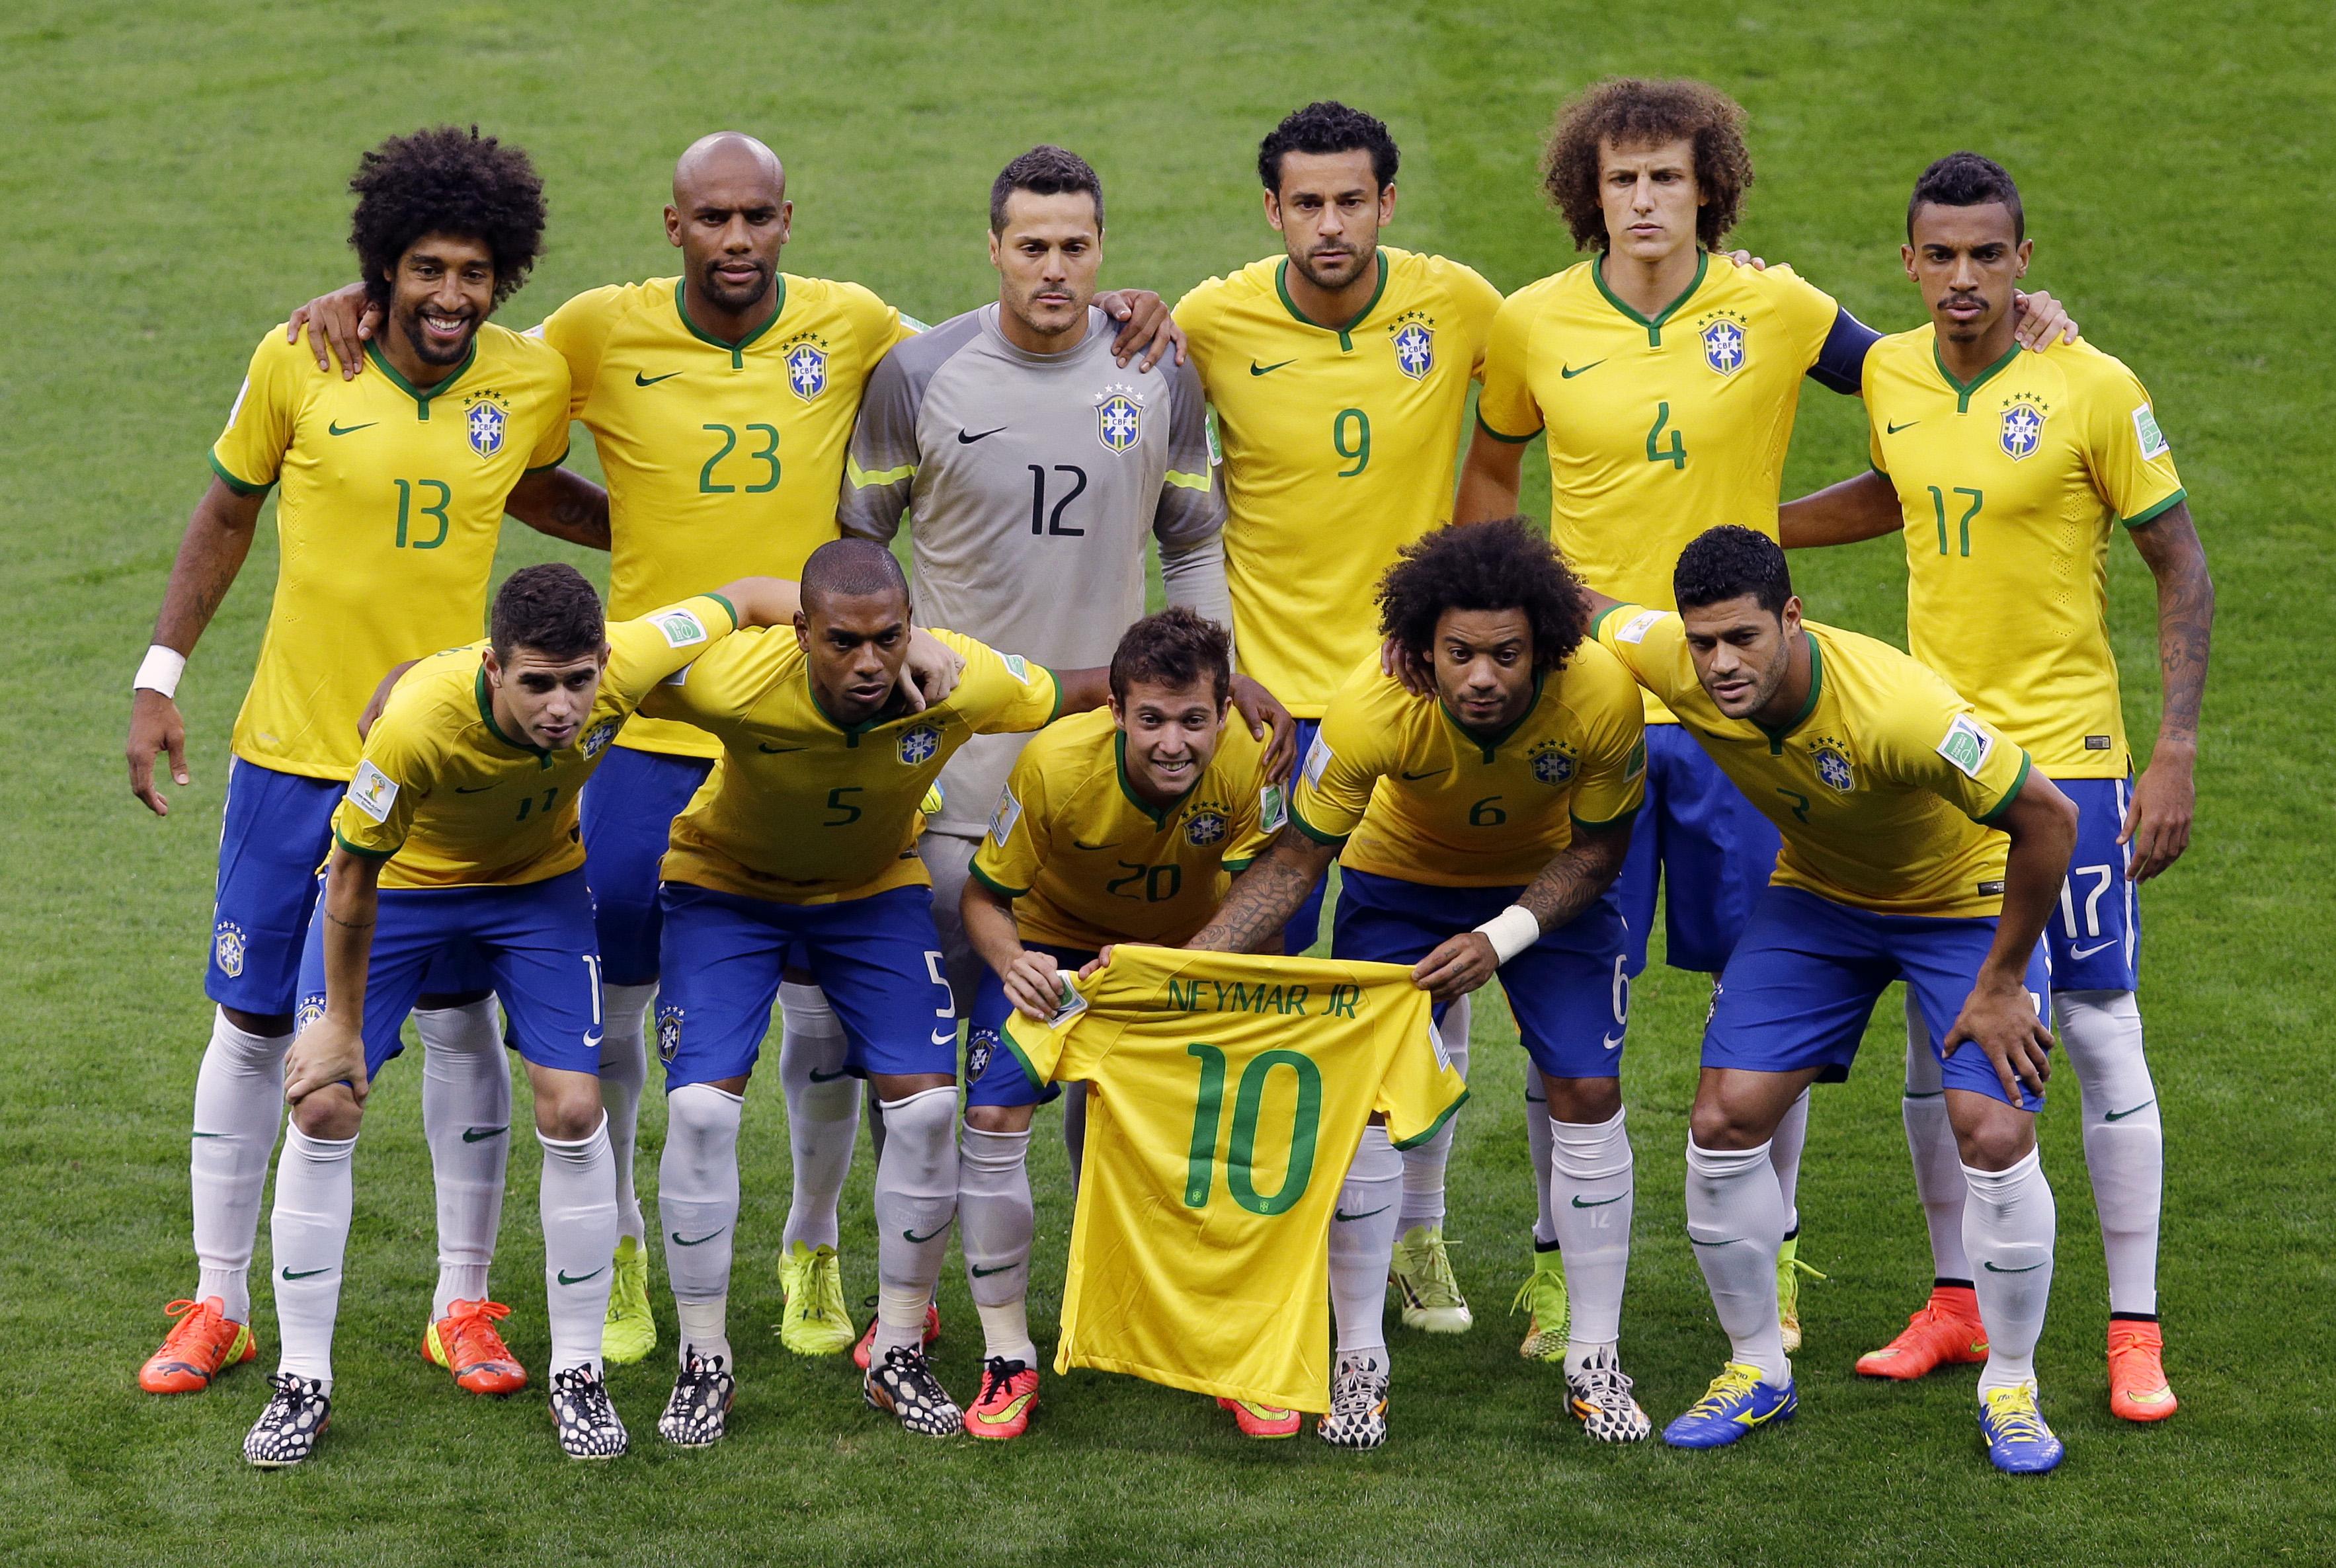 Ebc Selecao Faz Homenagem A Neymar Ao Entrar Em Campo Contra Alemanha